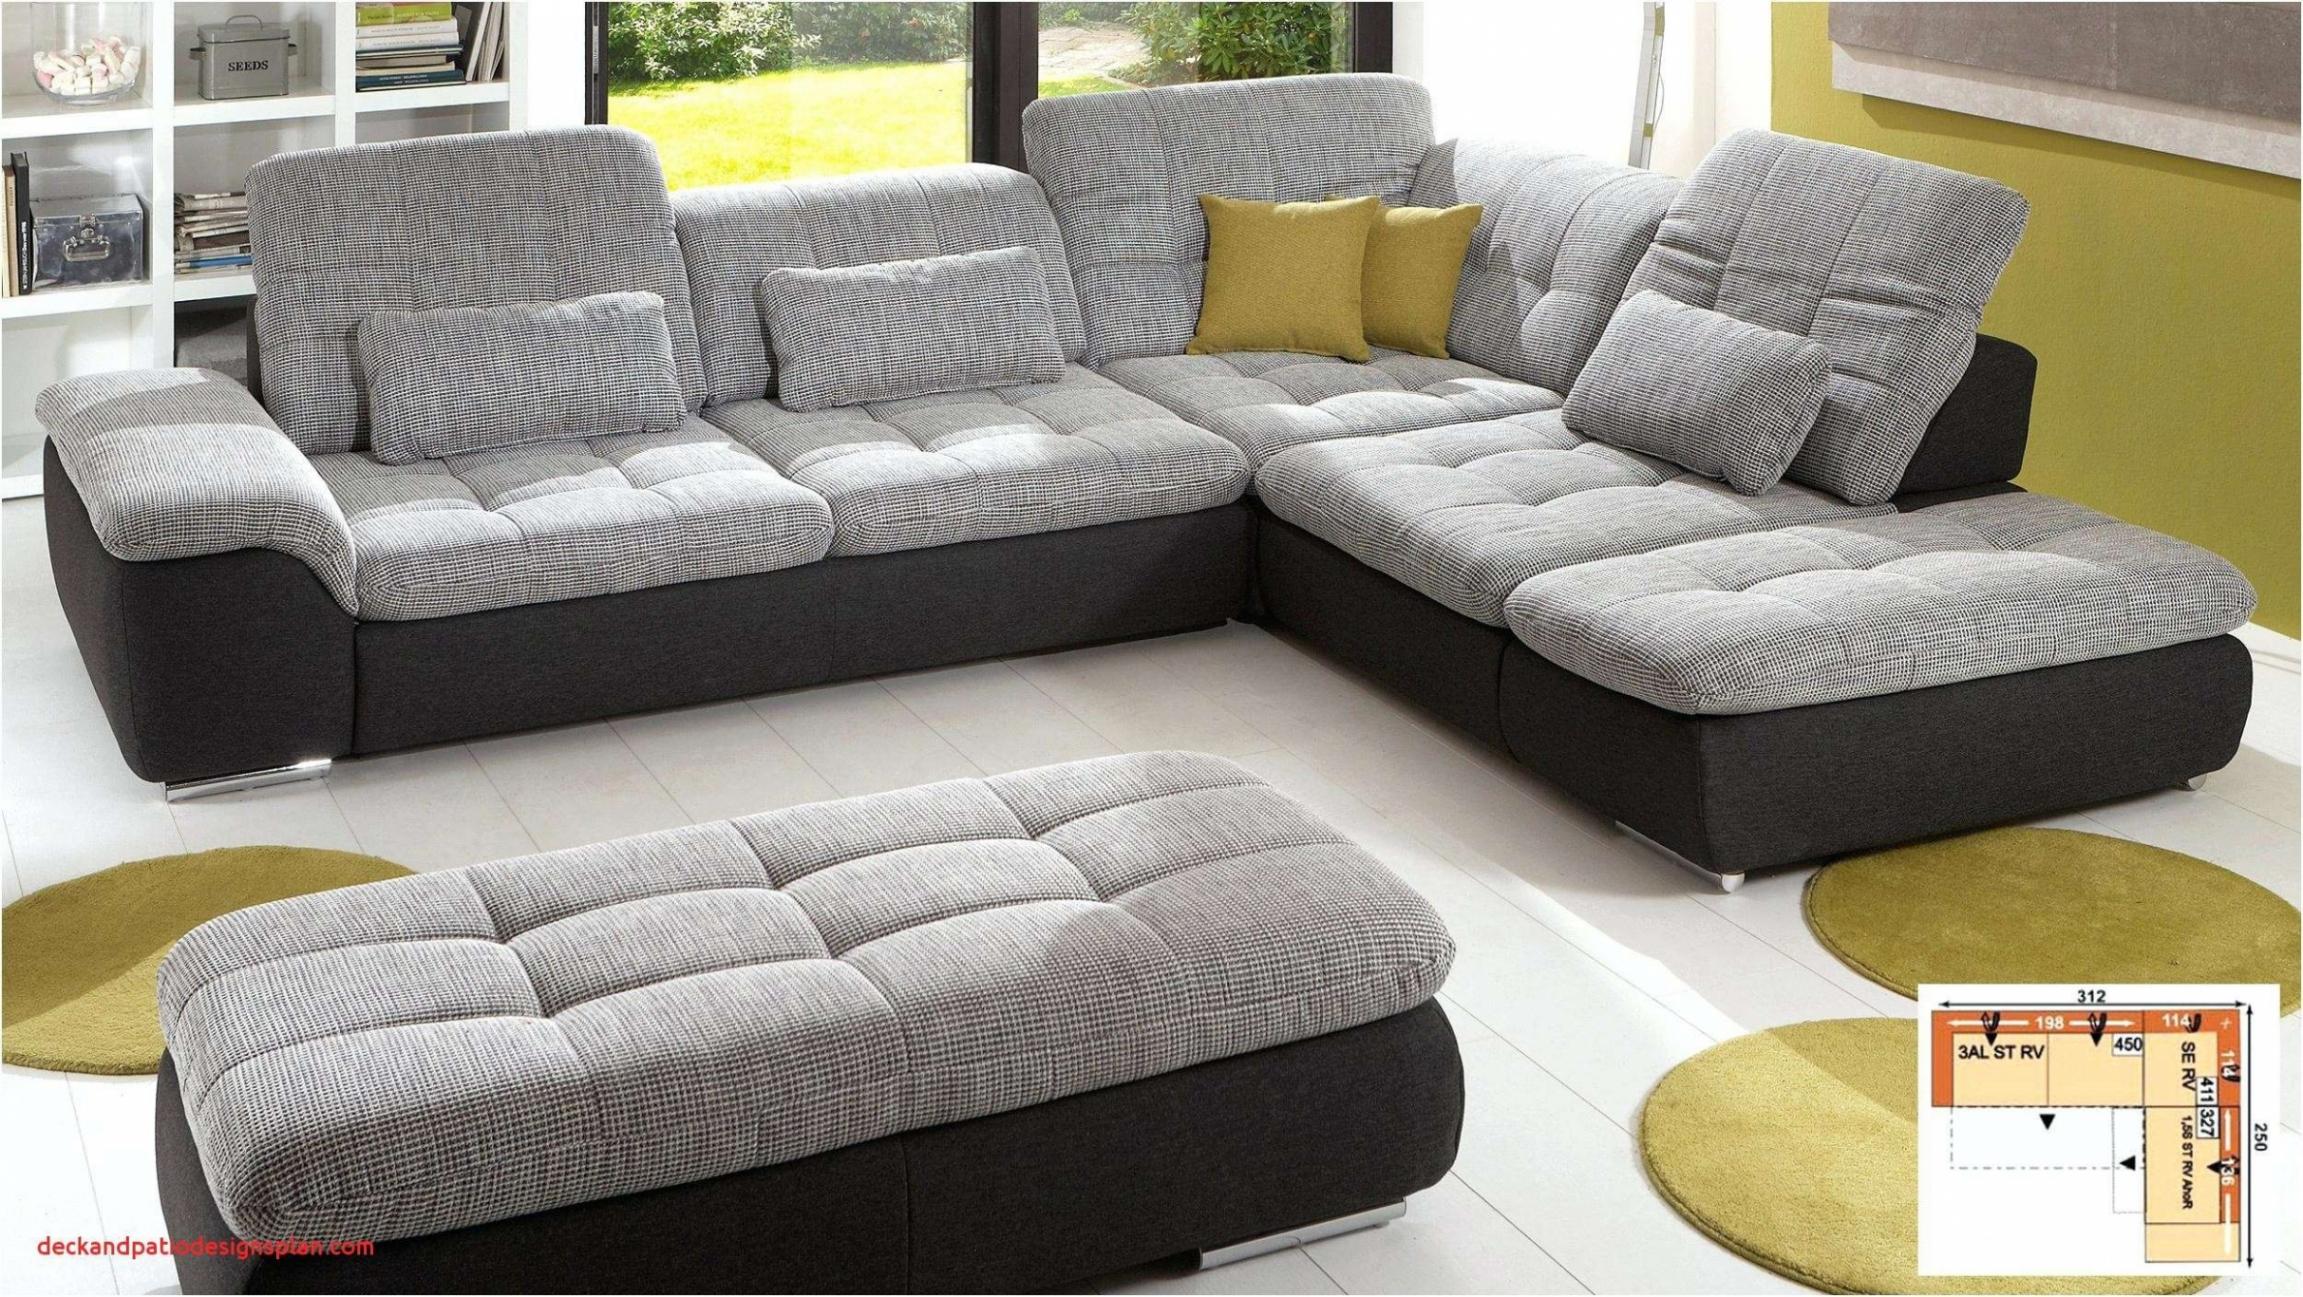 sofa mit kissen dekorieren yct projekte graue couch dekorieren graue couch dekorieren 1